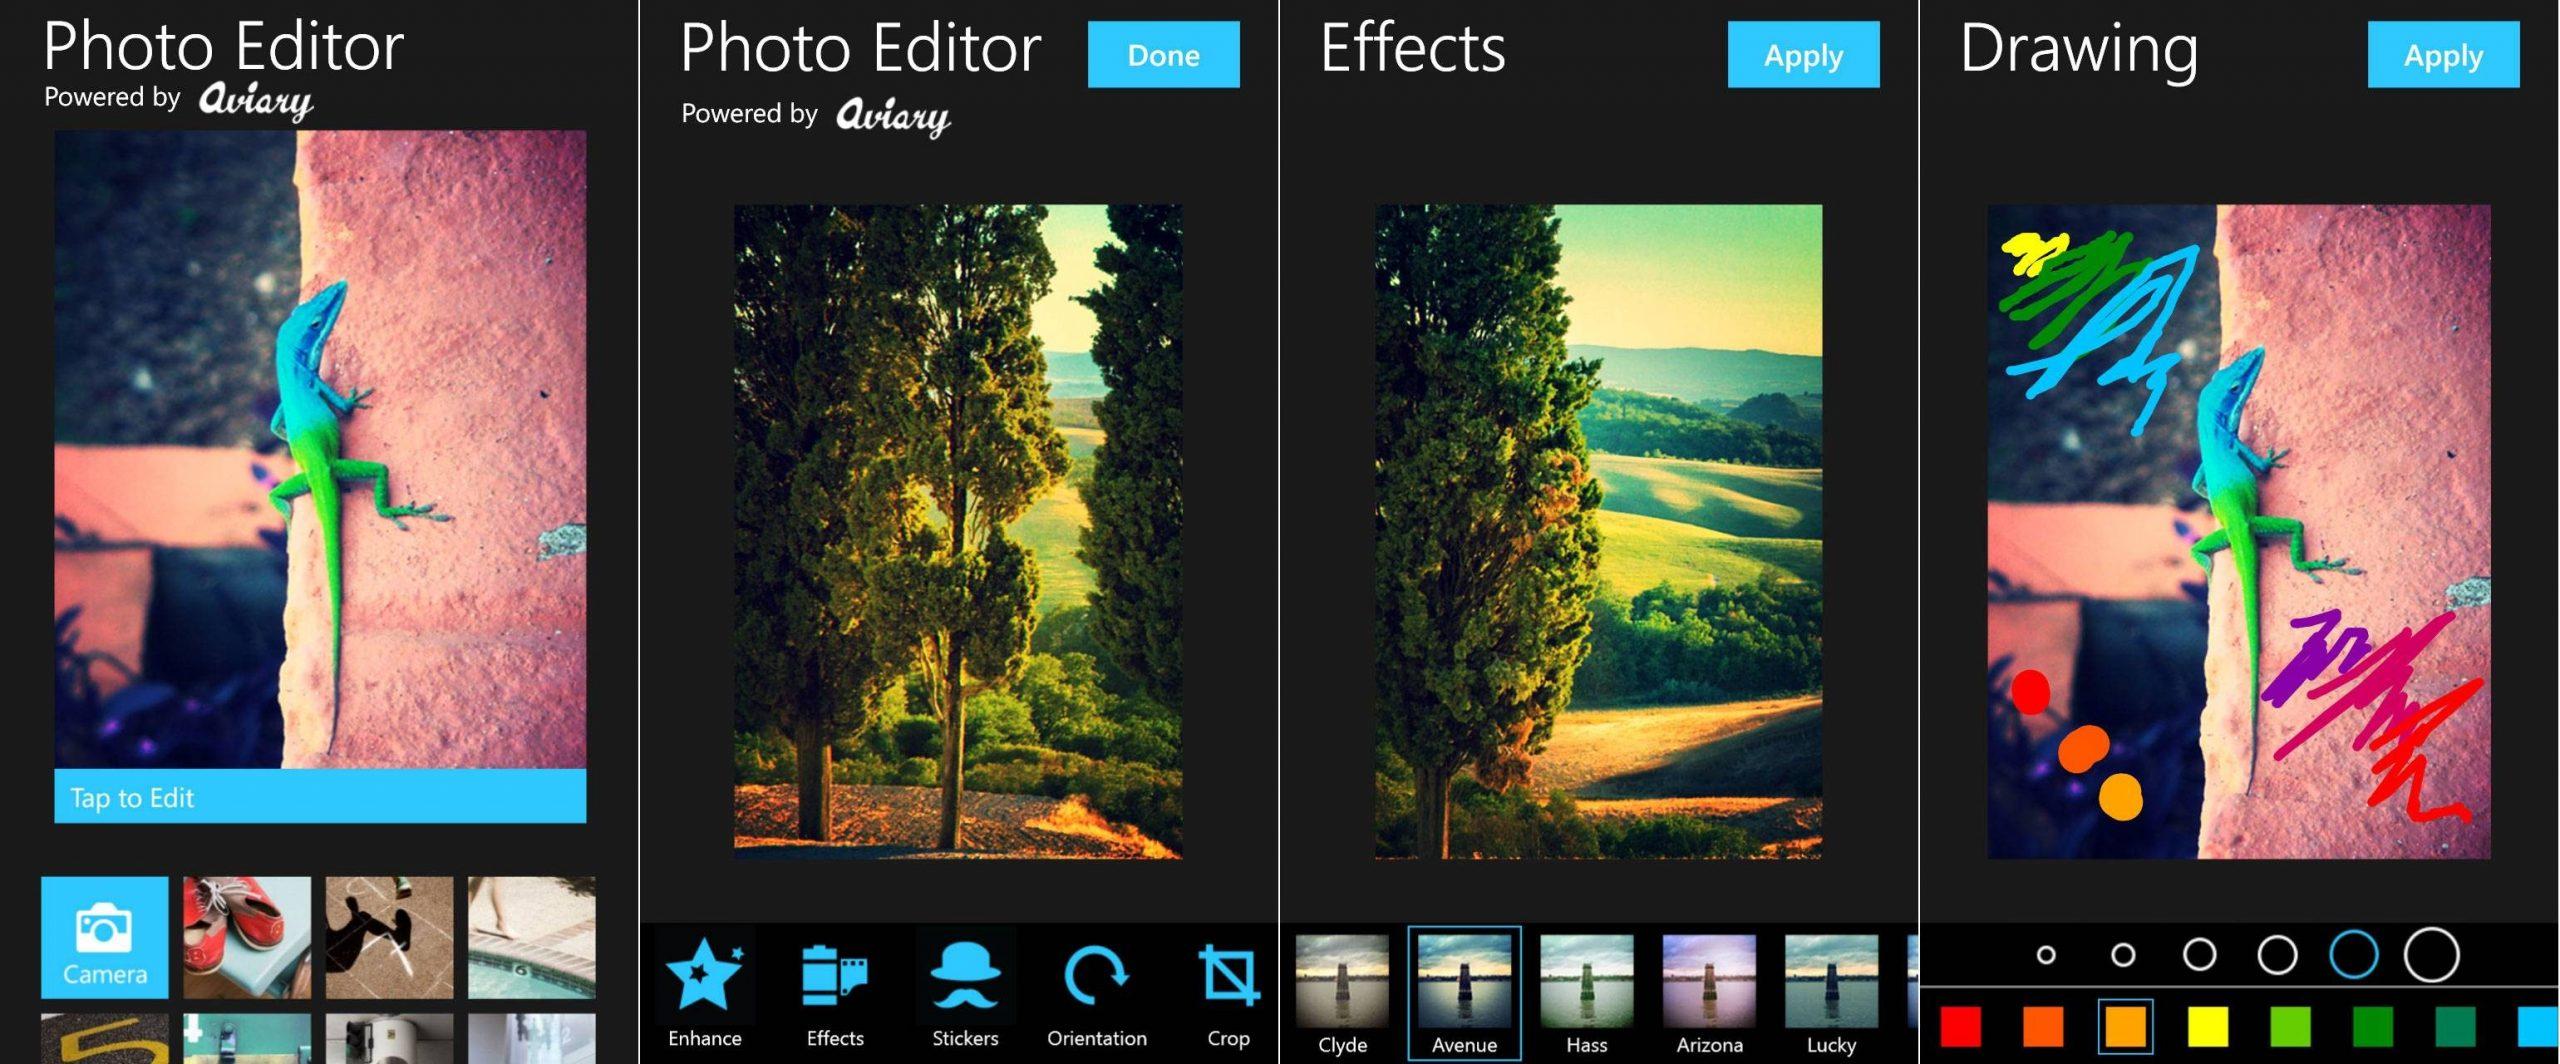 12 phần mềm chỉnh sửa ảnh trên điện thoại iPhone và Android 'vạn người mê' 21